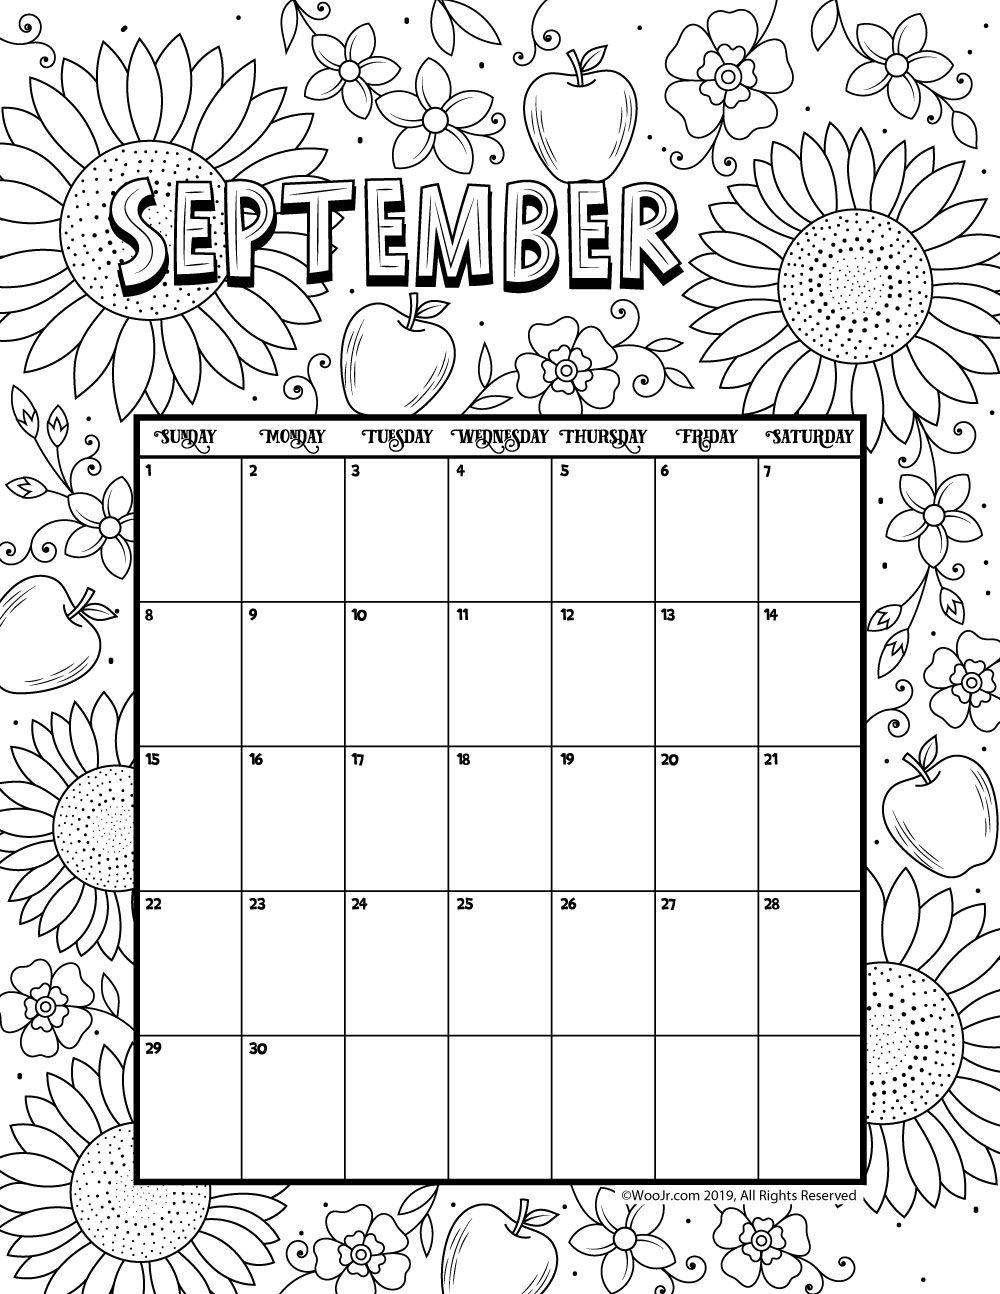 September 2019 Coloring Calendar | Coloring calendar ...